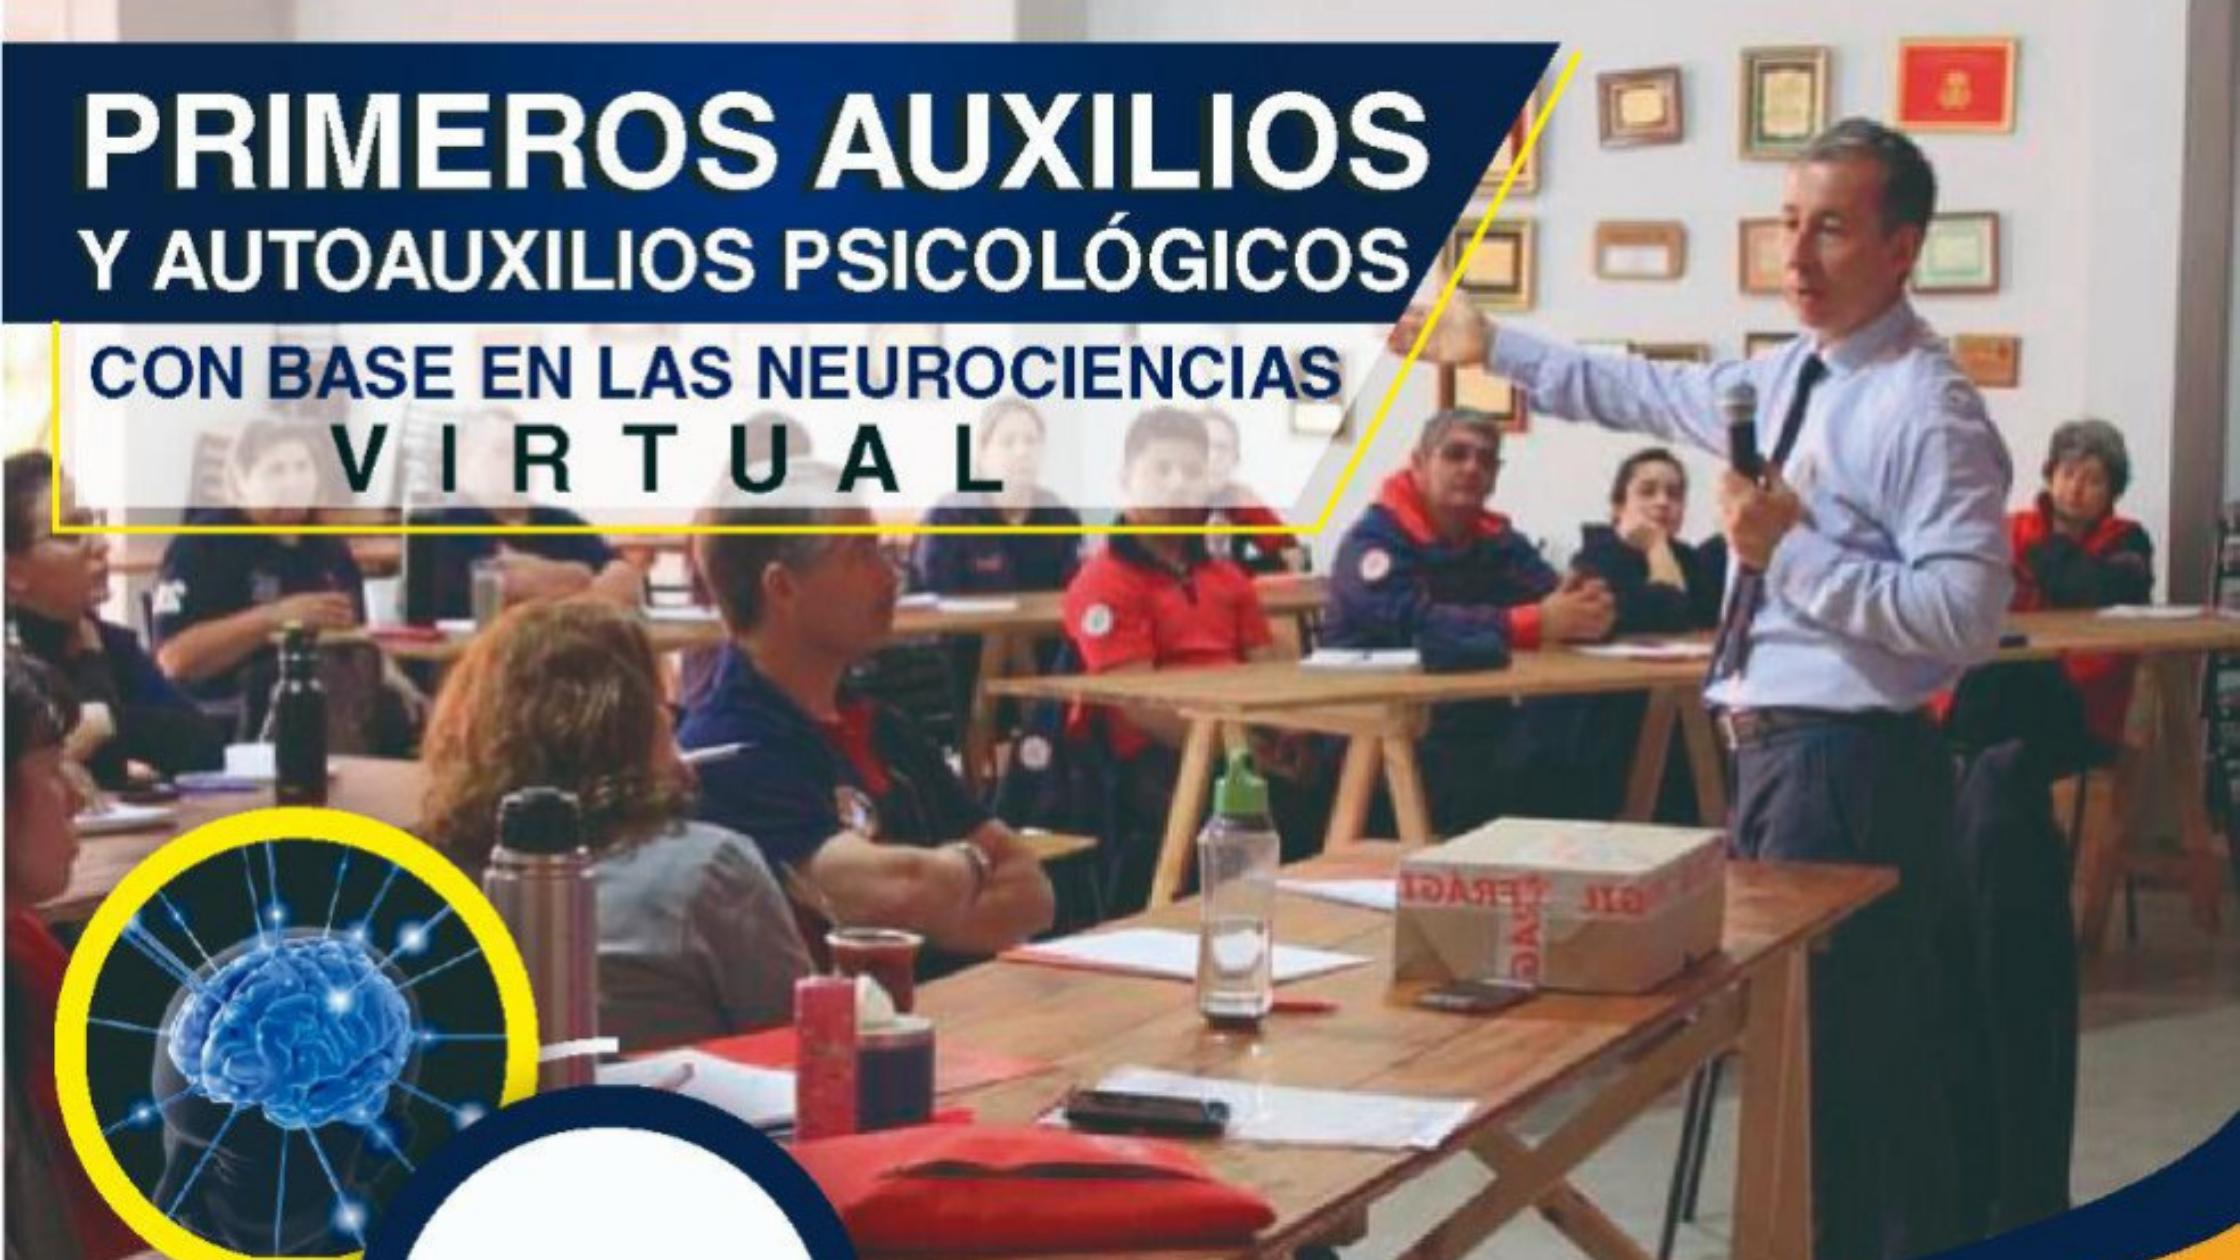 CURSO DE PRIMEROS AUXILIOS Y AUTOAUXILIOS PSICOLÓGICOS